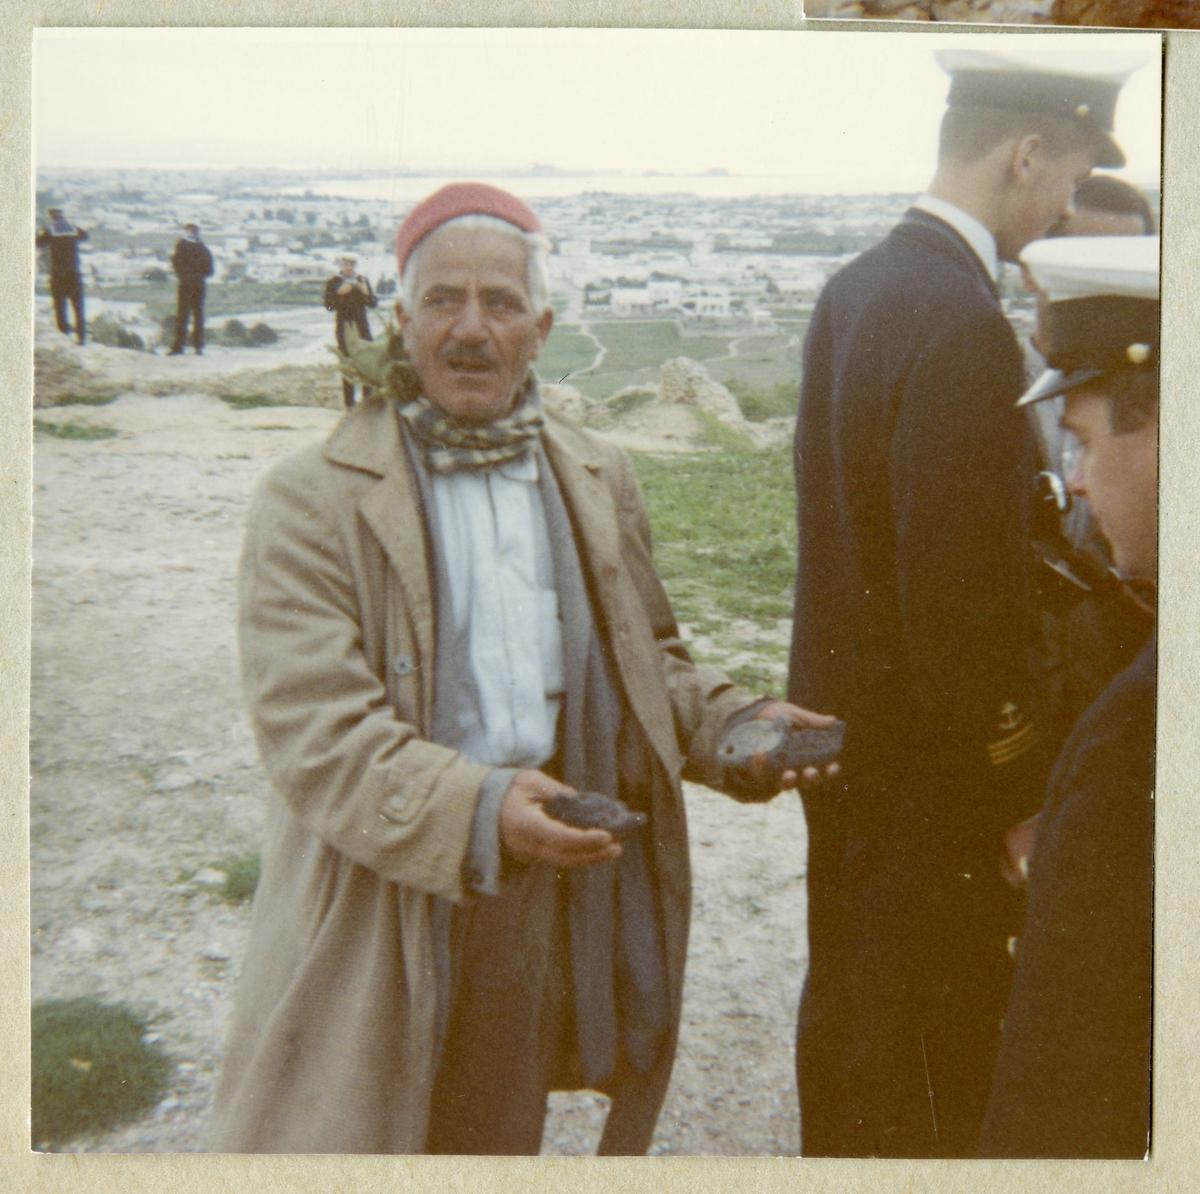 Bilden föreställer en man som visar två föremål för uniformsklädda män från Älvsnabbens besättning i Karthago under långresan 1966-1967.